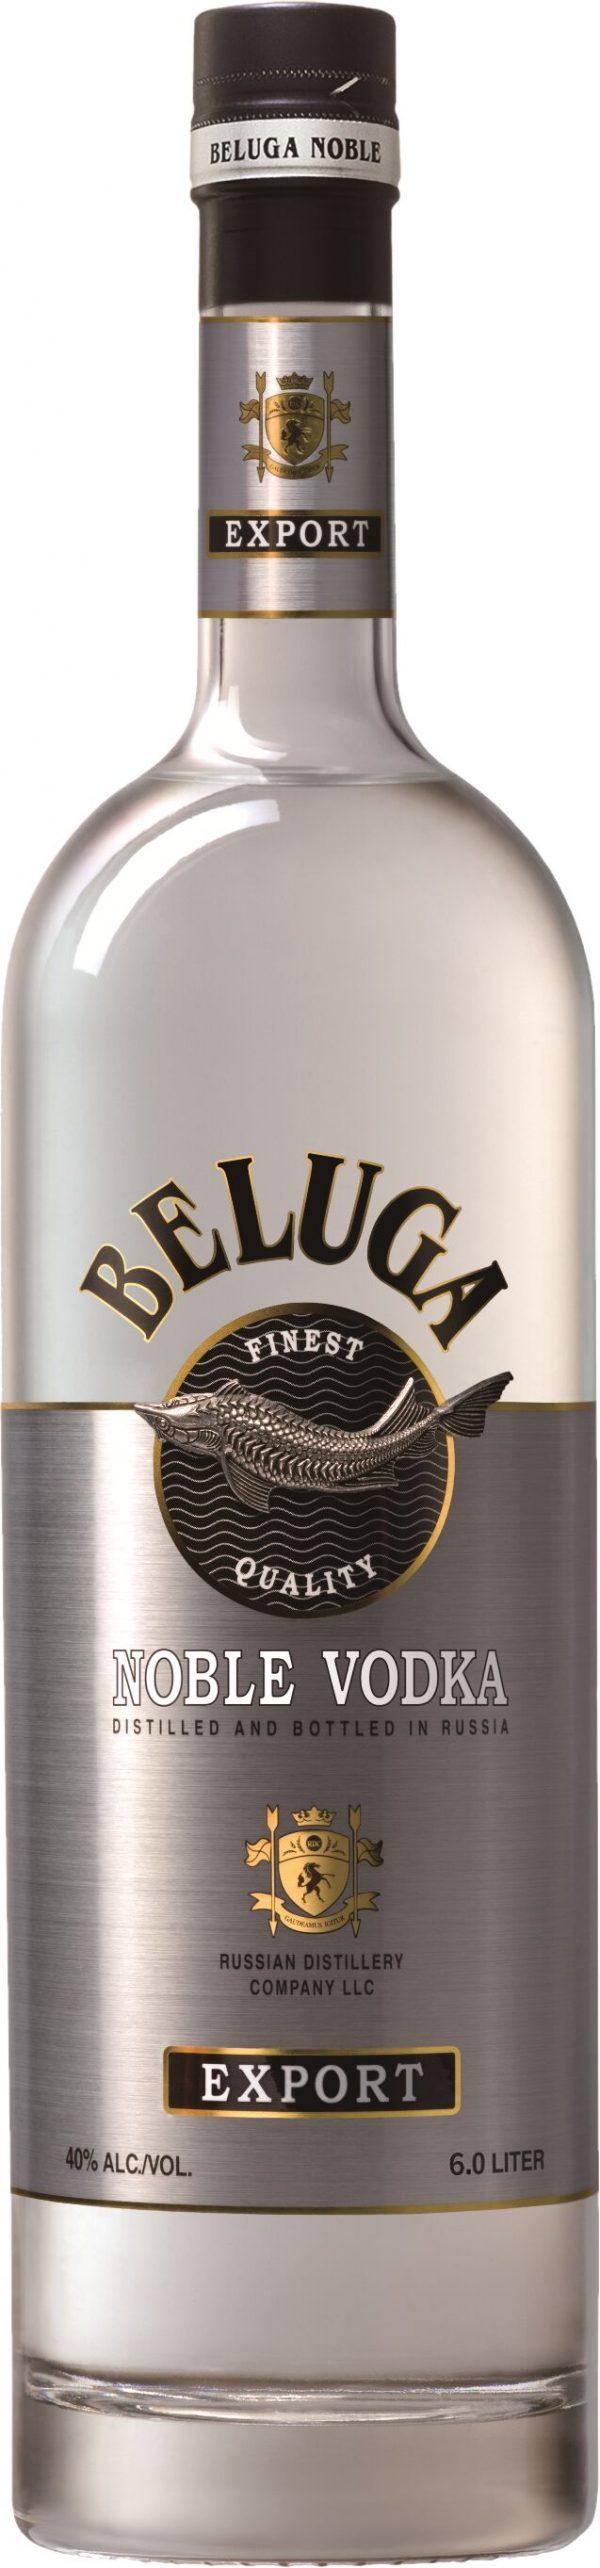 Beluga Noble 600cl